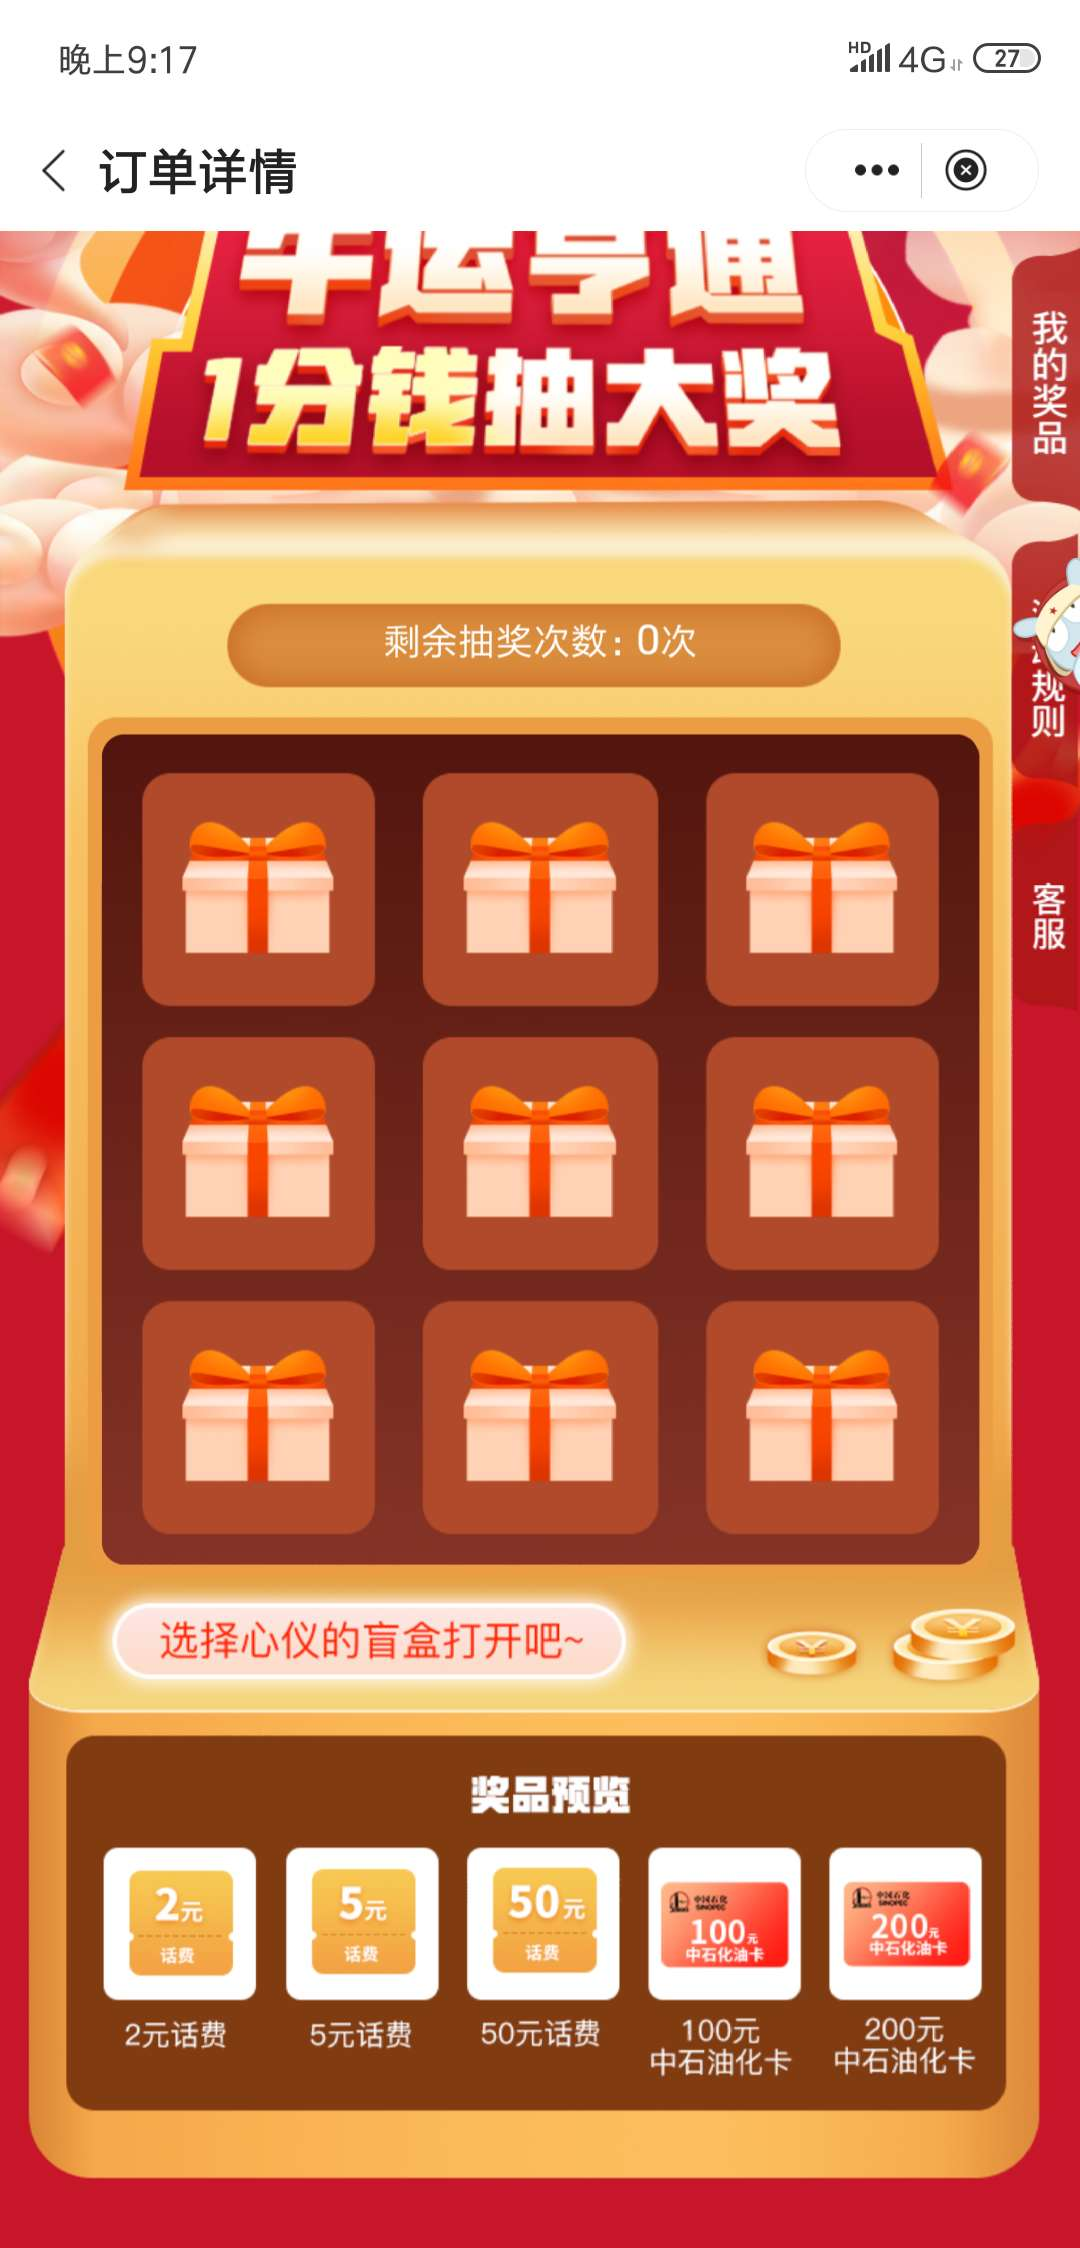 中国银行支付0.01抽话费卷插图1